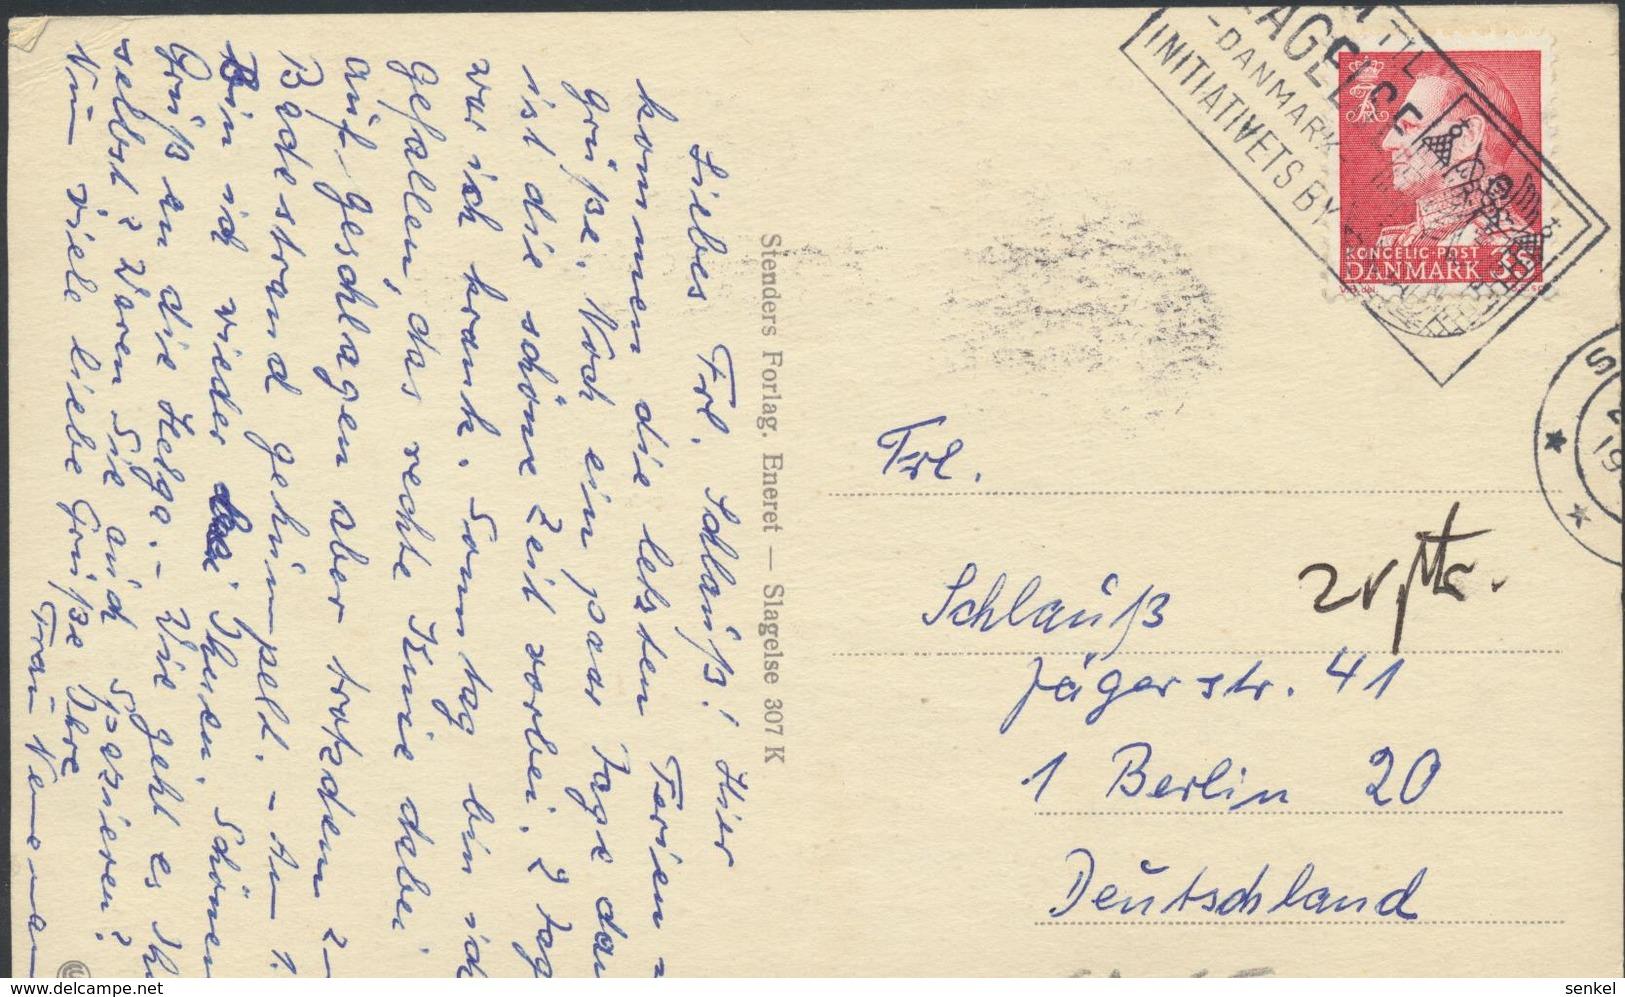 61-656 Danmark Denmark Dänemark Slagelse Michael Og Gragen Sent To Germany Forlag Stenders - Danemark